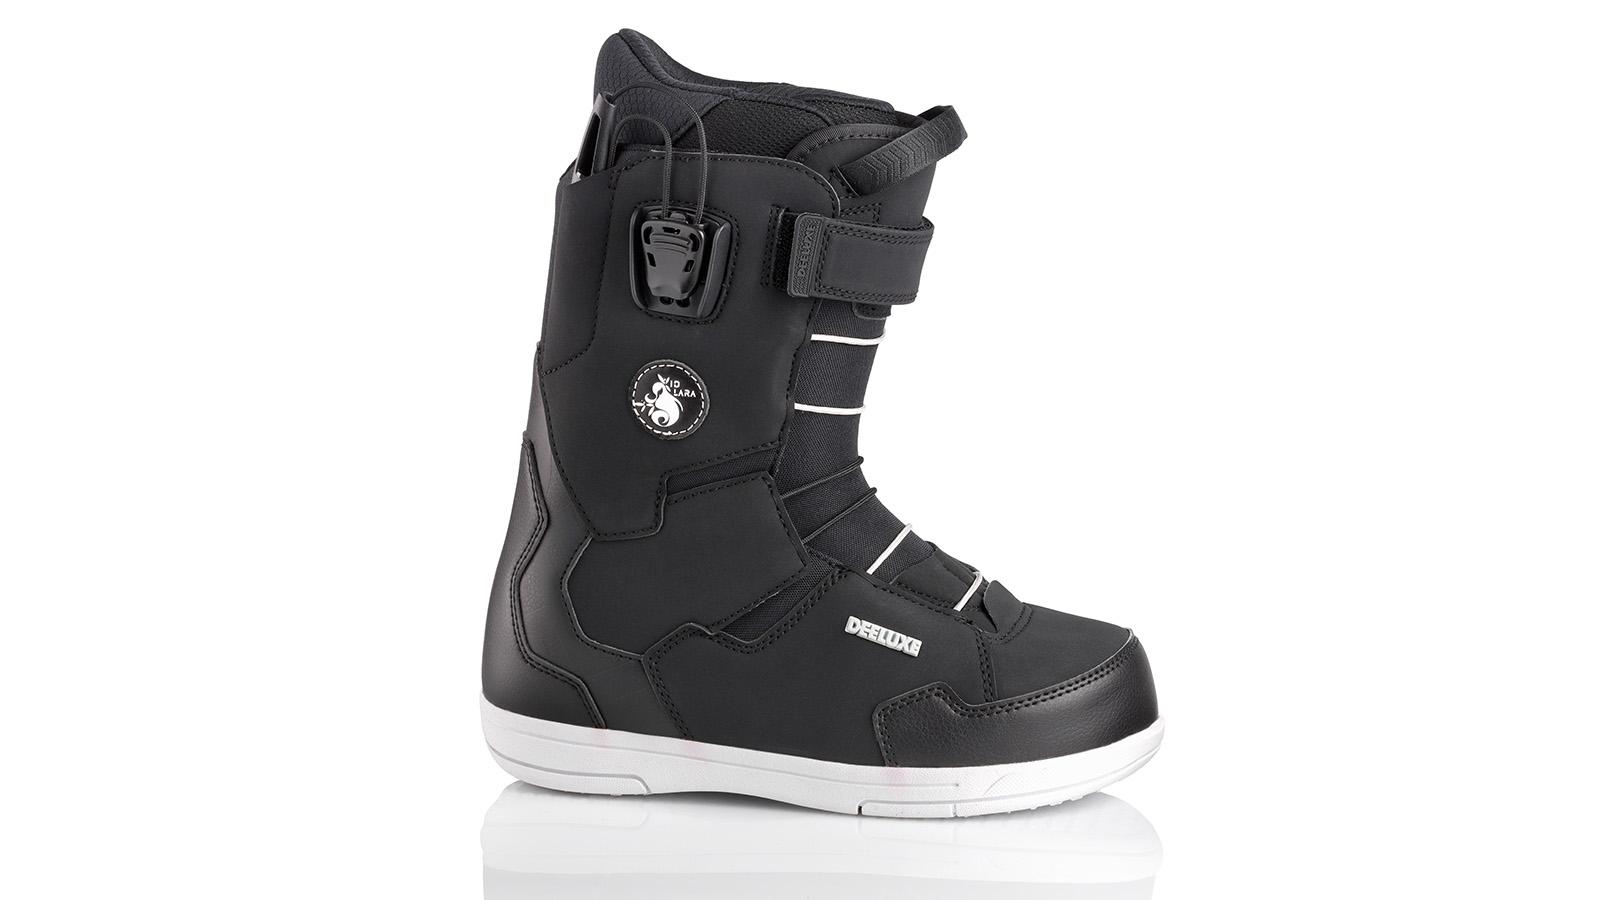 DEELUXE FW20/21 Snowboard Boots